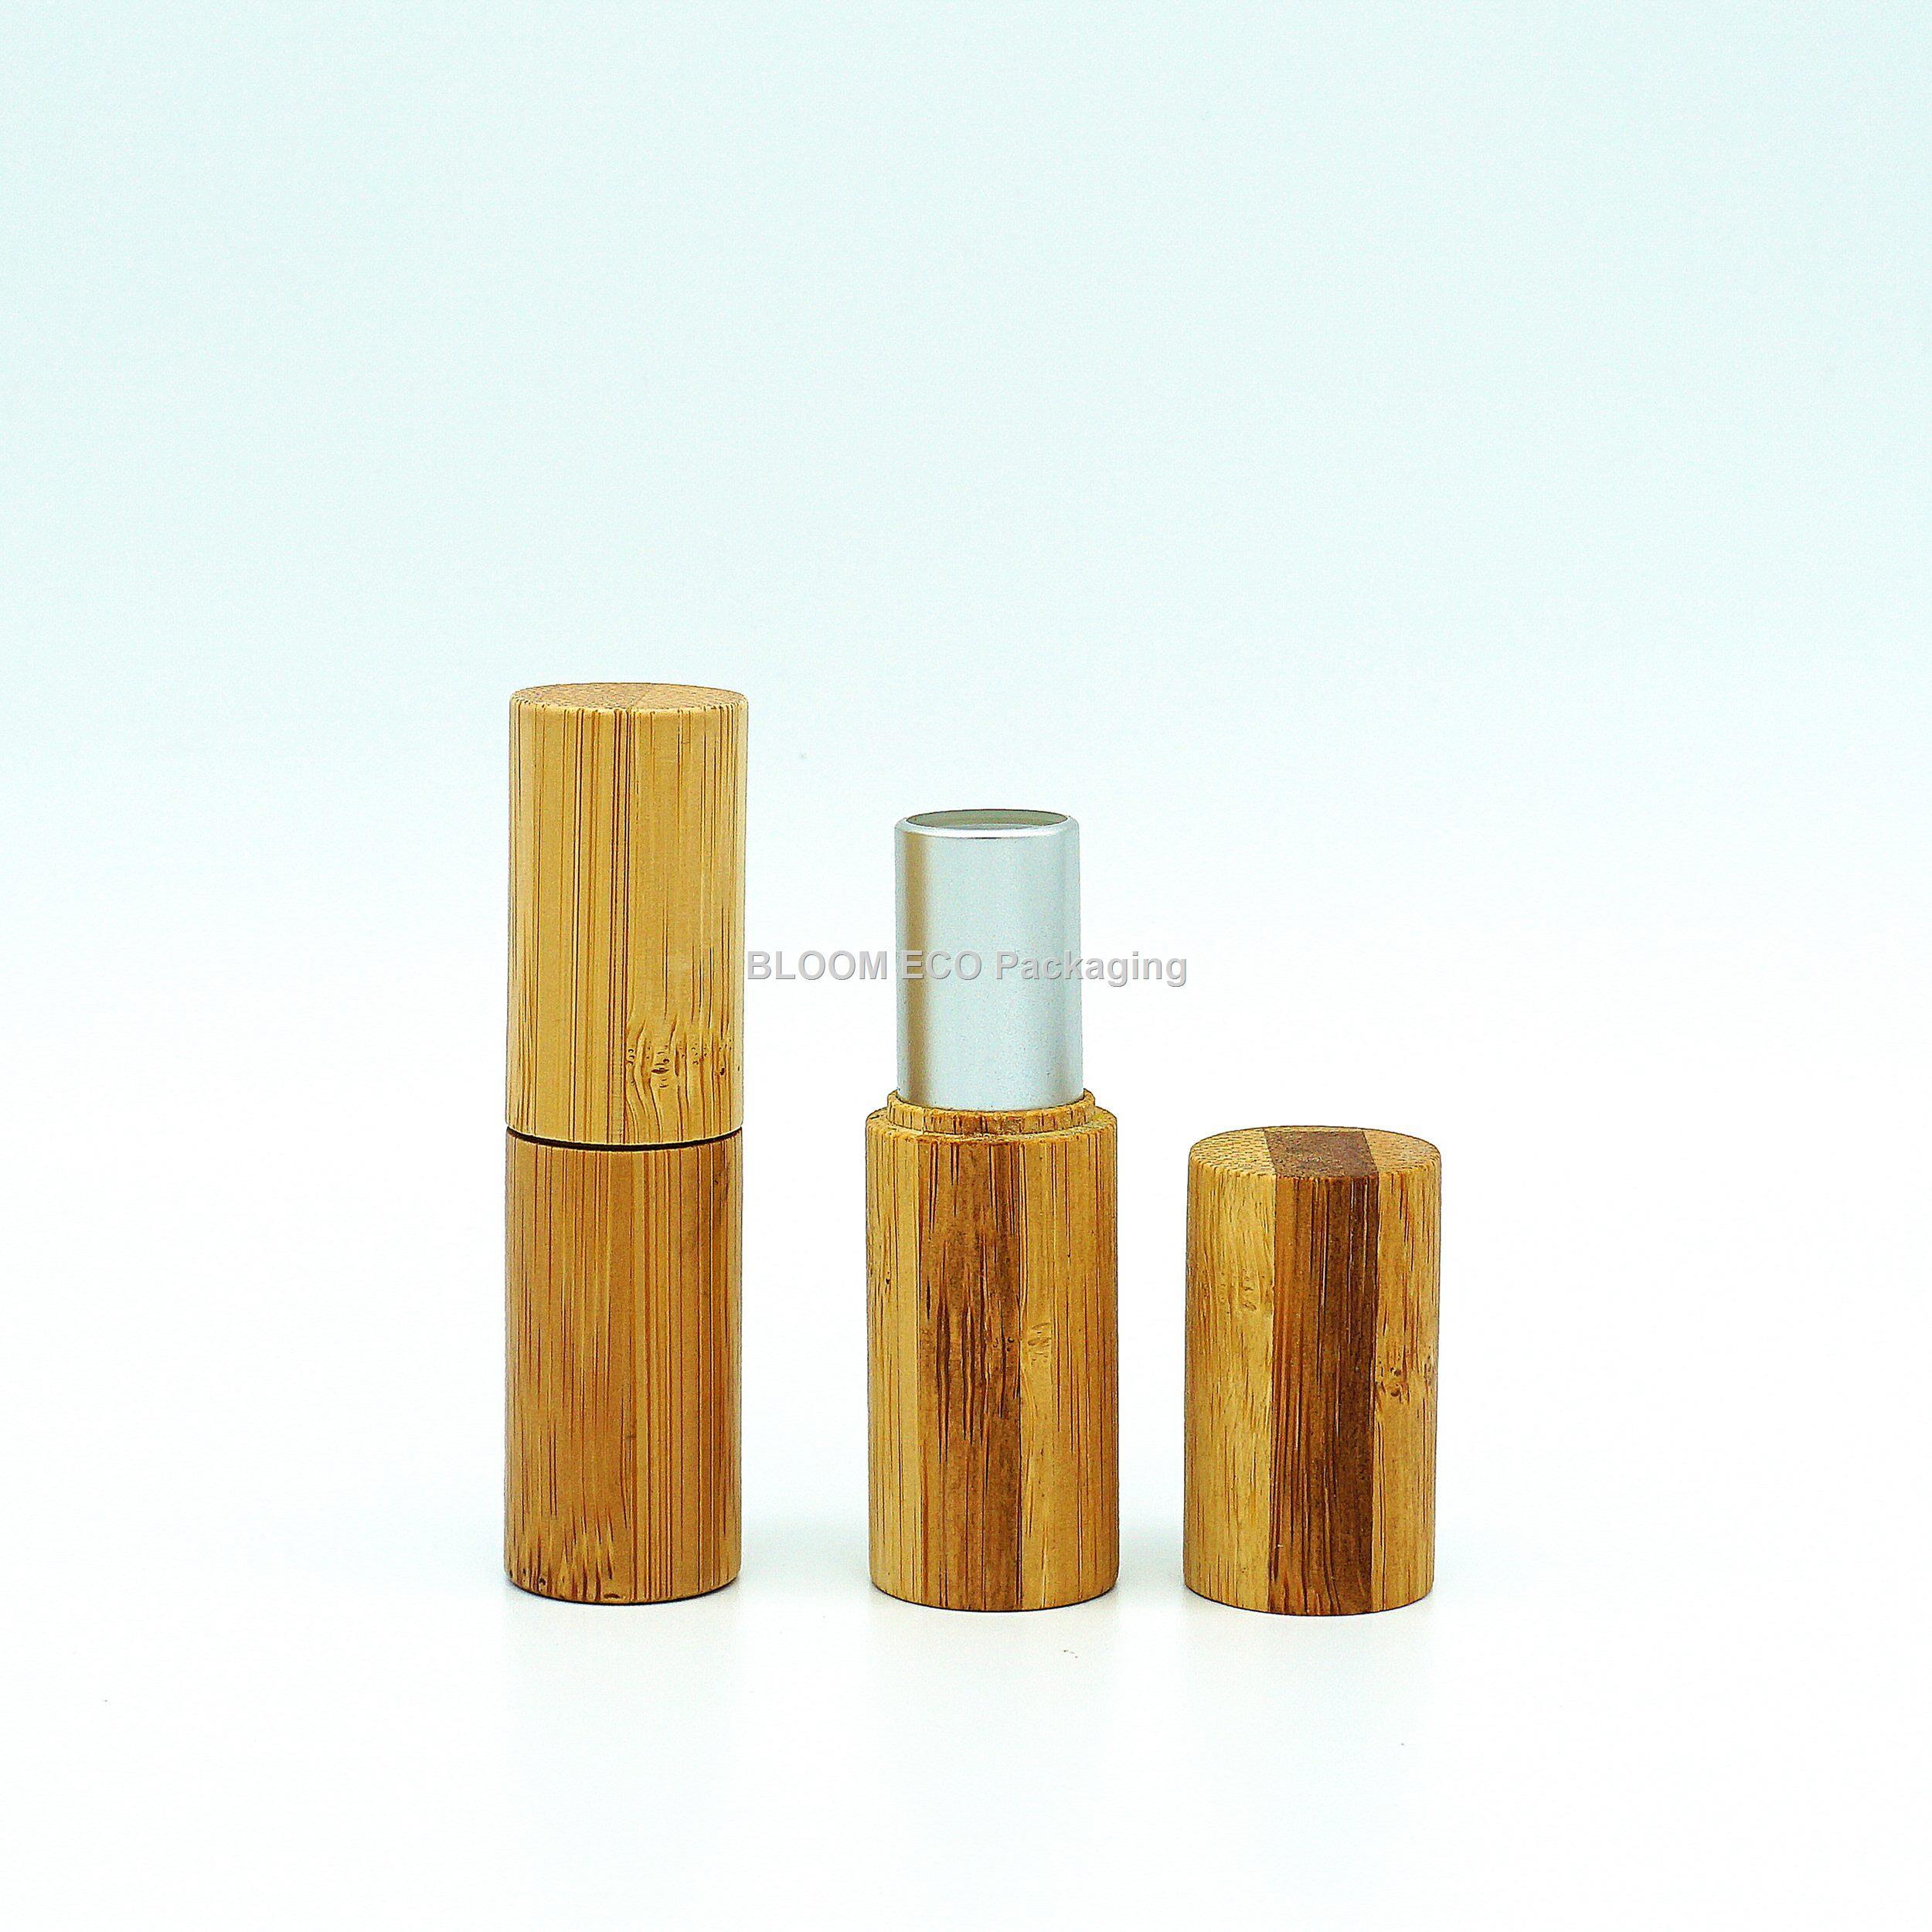 LB1001 Lipstick Case